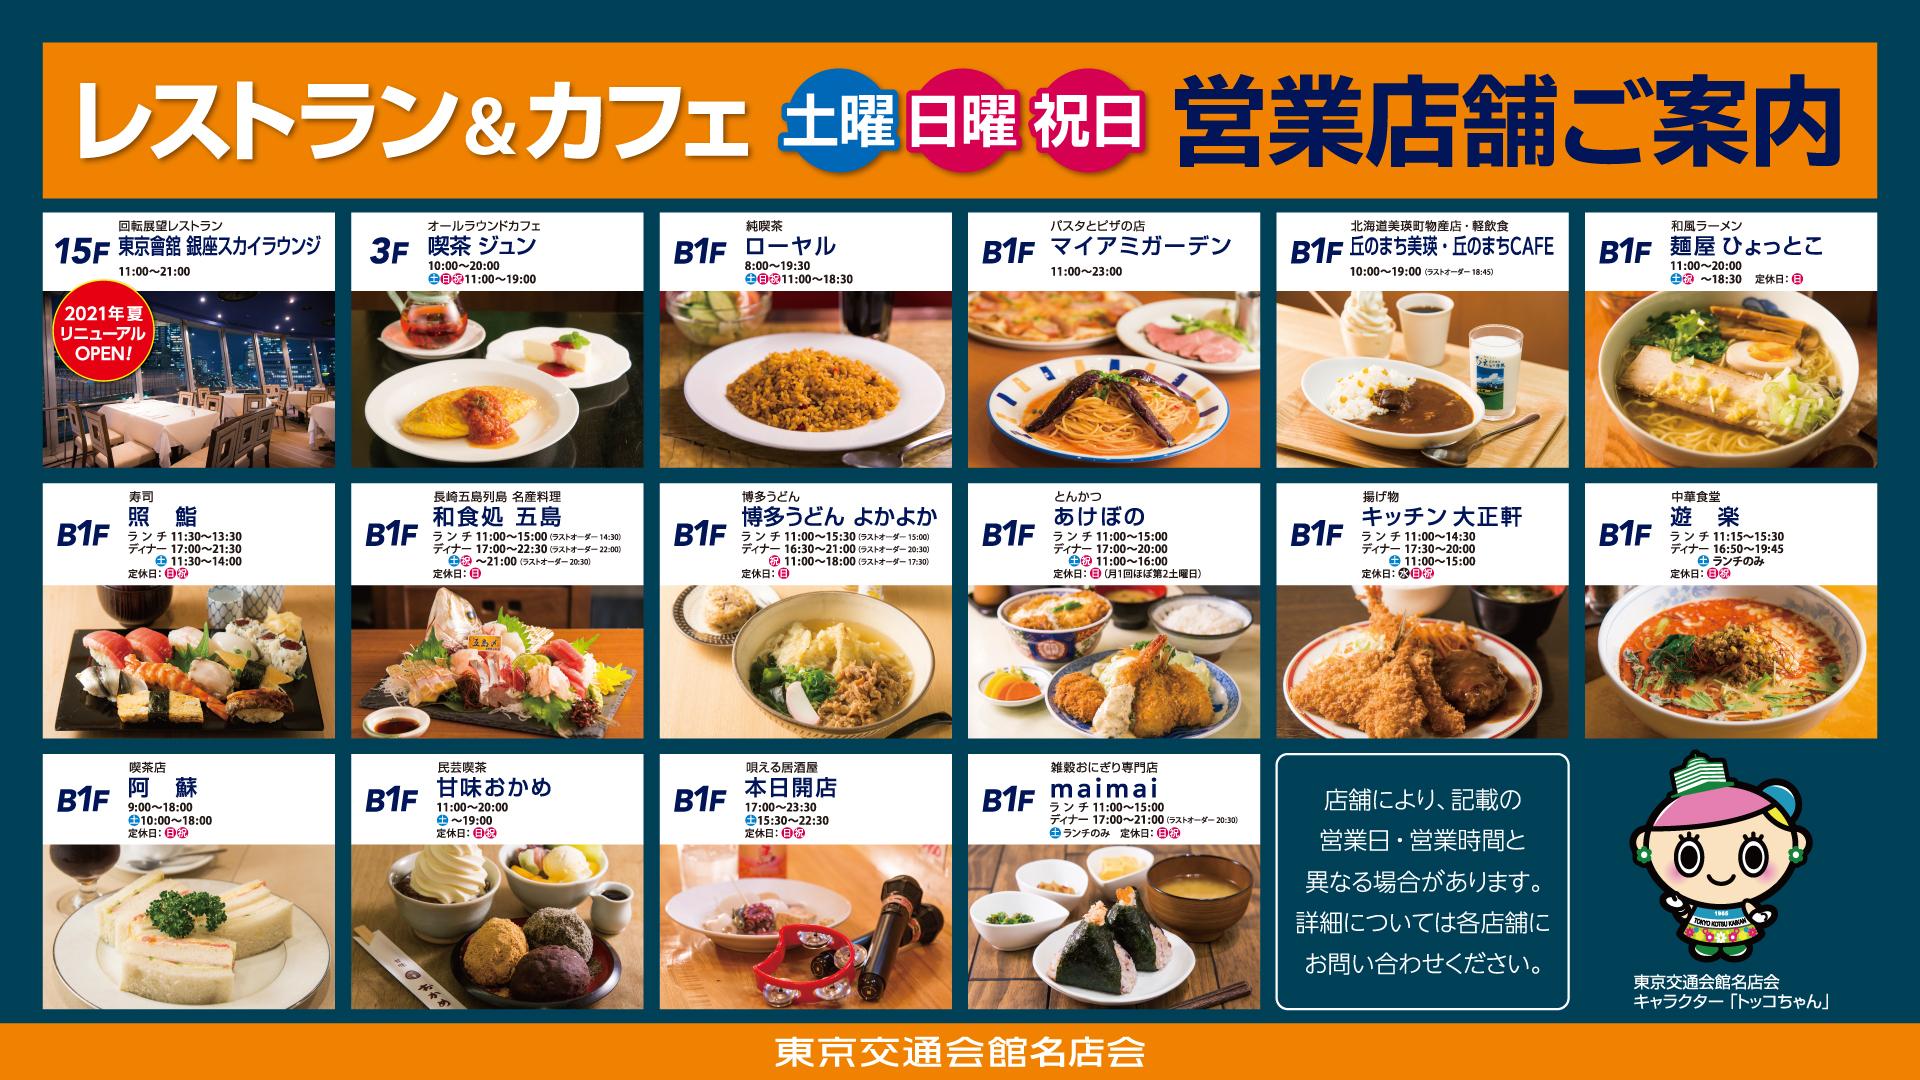 レストラン&カフェ 土曜・日曜・祝日 営業店舗ご案内